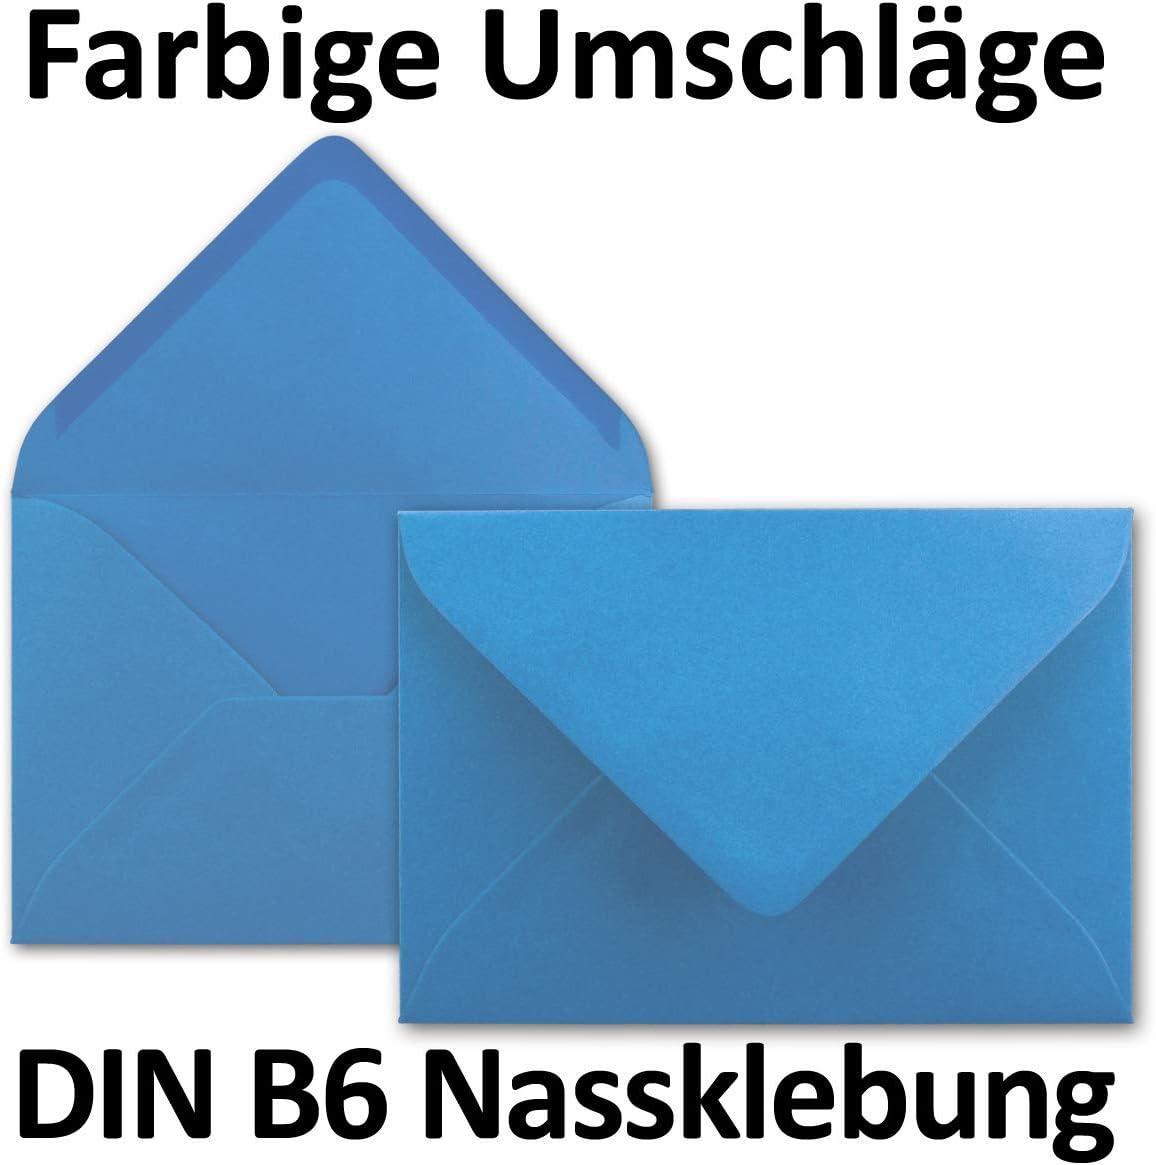 chiusura adesiva da inumidire 25 Umschl/äge Flieder dimensioni/175 x 125/mm formato B6 Neuser Buste da lettere da 80 g//m/² in colori vivaci